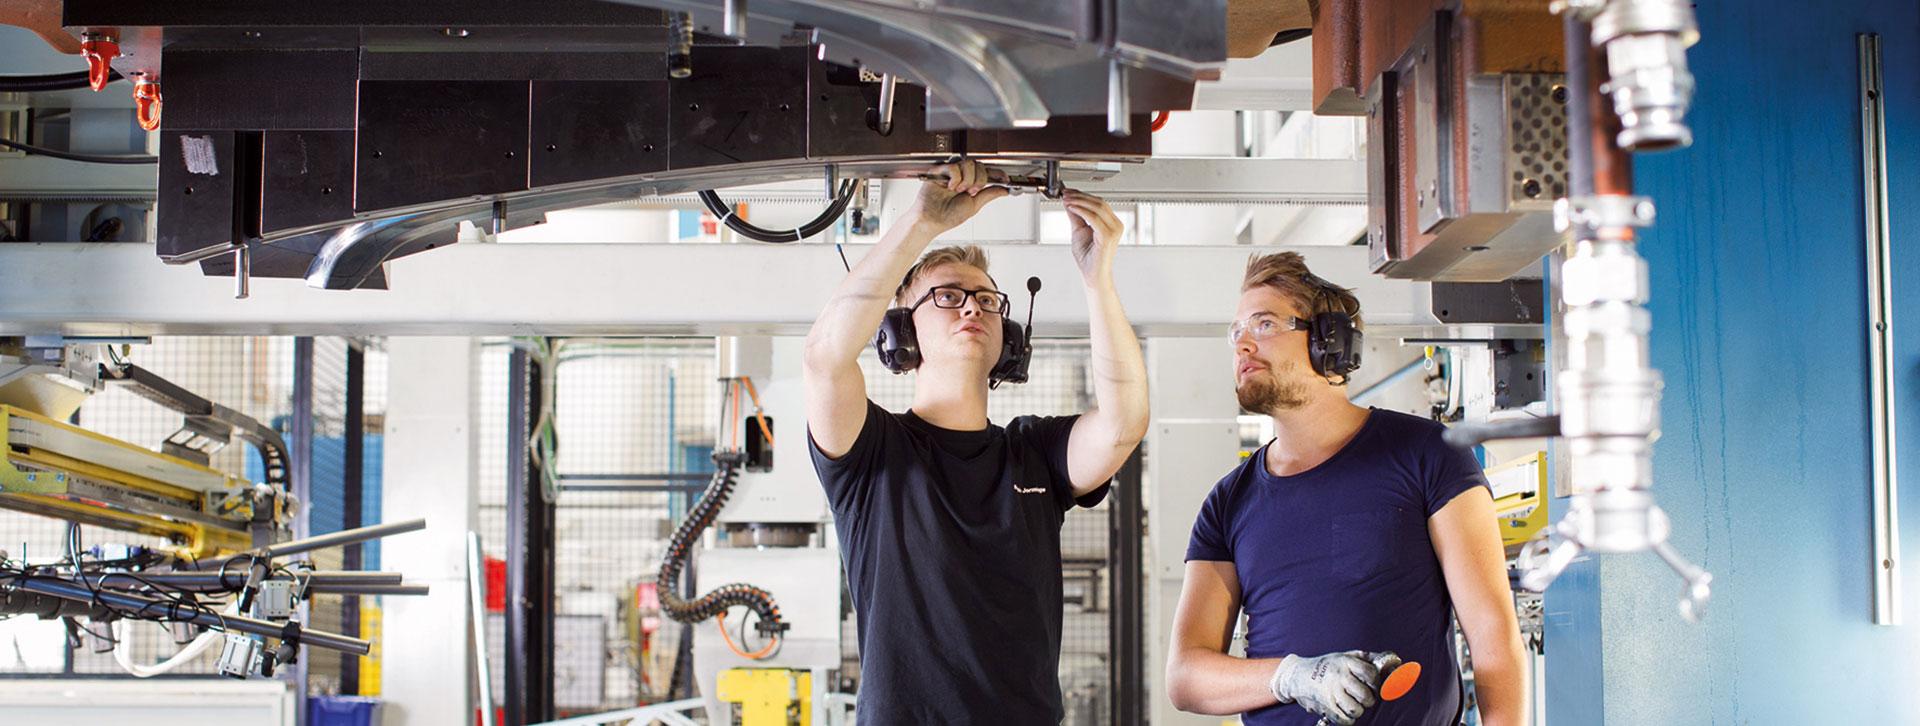 Två killar med hörselkåpor i arbete